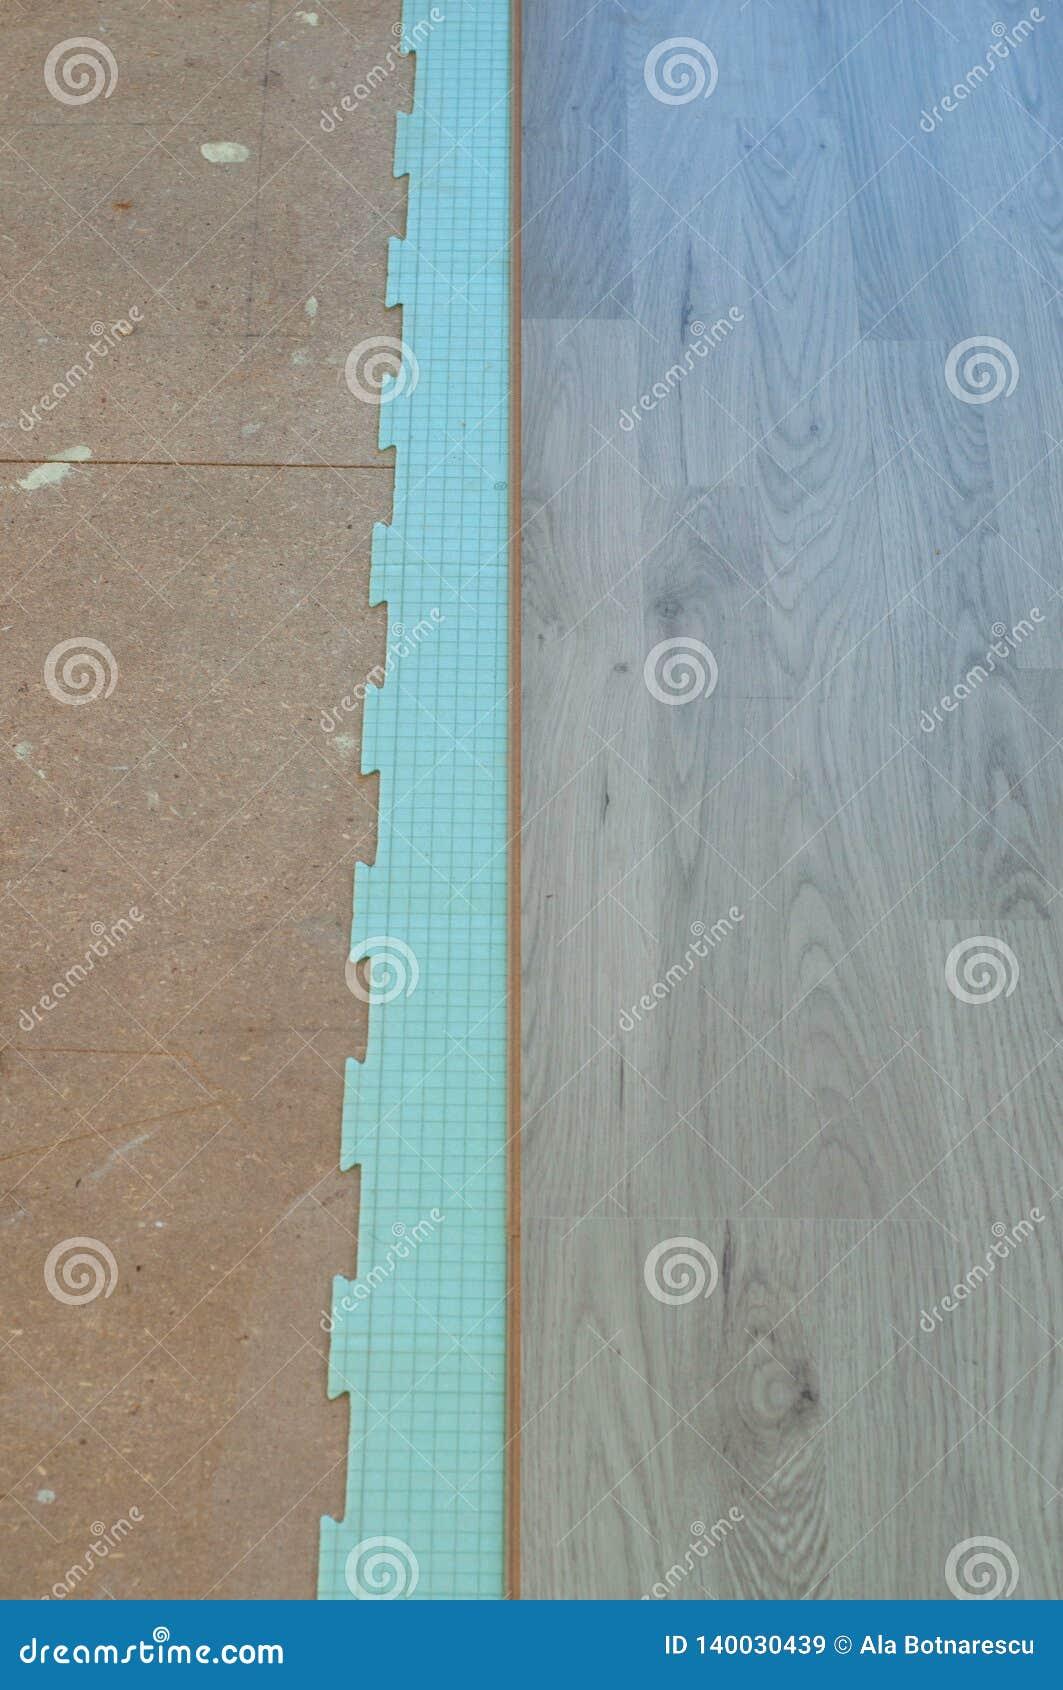 Istalation del nuevo suelo laminado, usando un material de aislamiento de sonidos